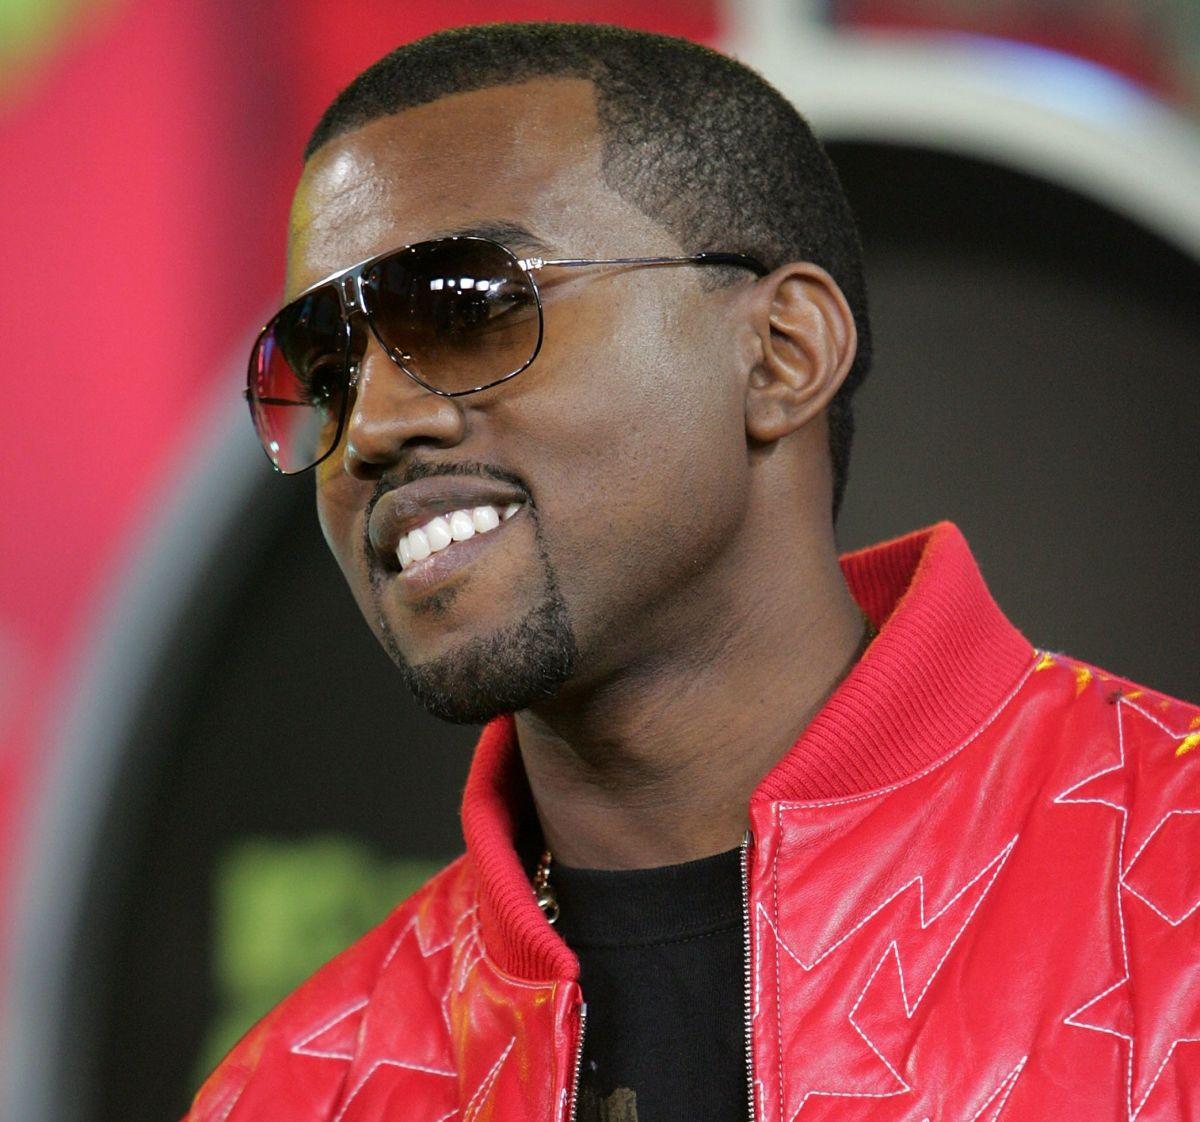 Venden por $3 mil dólares bolsas con aire de una fiesta que hizo el ex de Kim Kardashian, Kanye West.